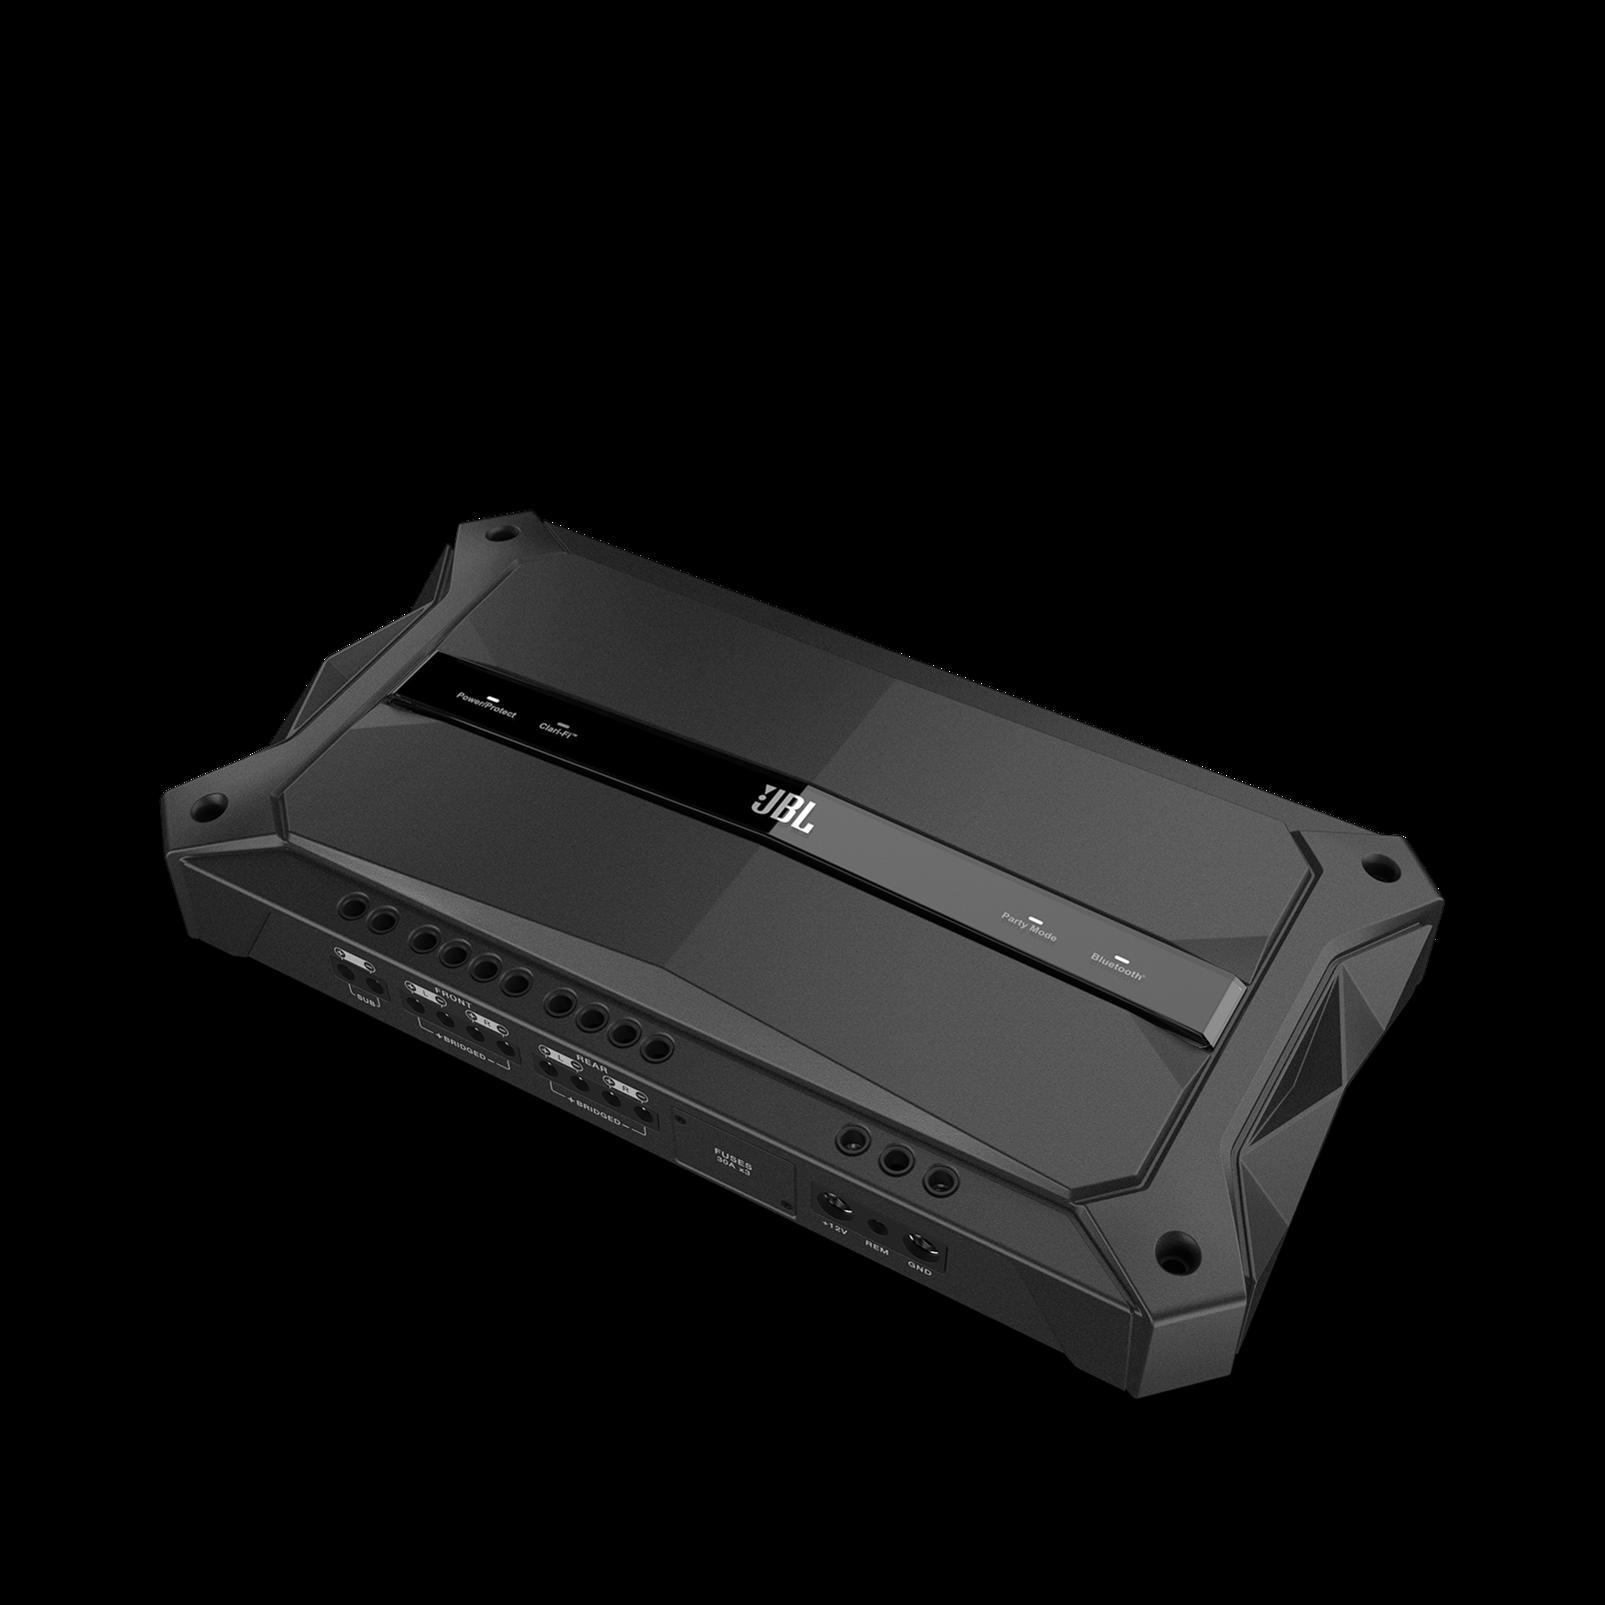 jbl amplifier gtr7535